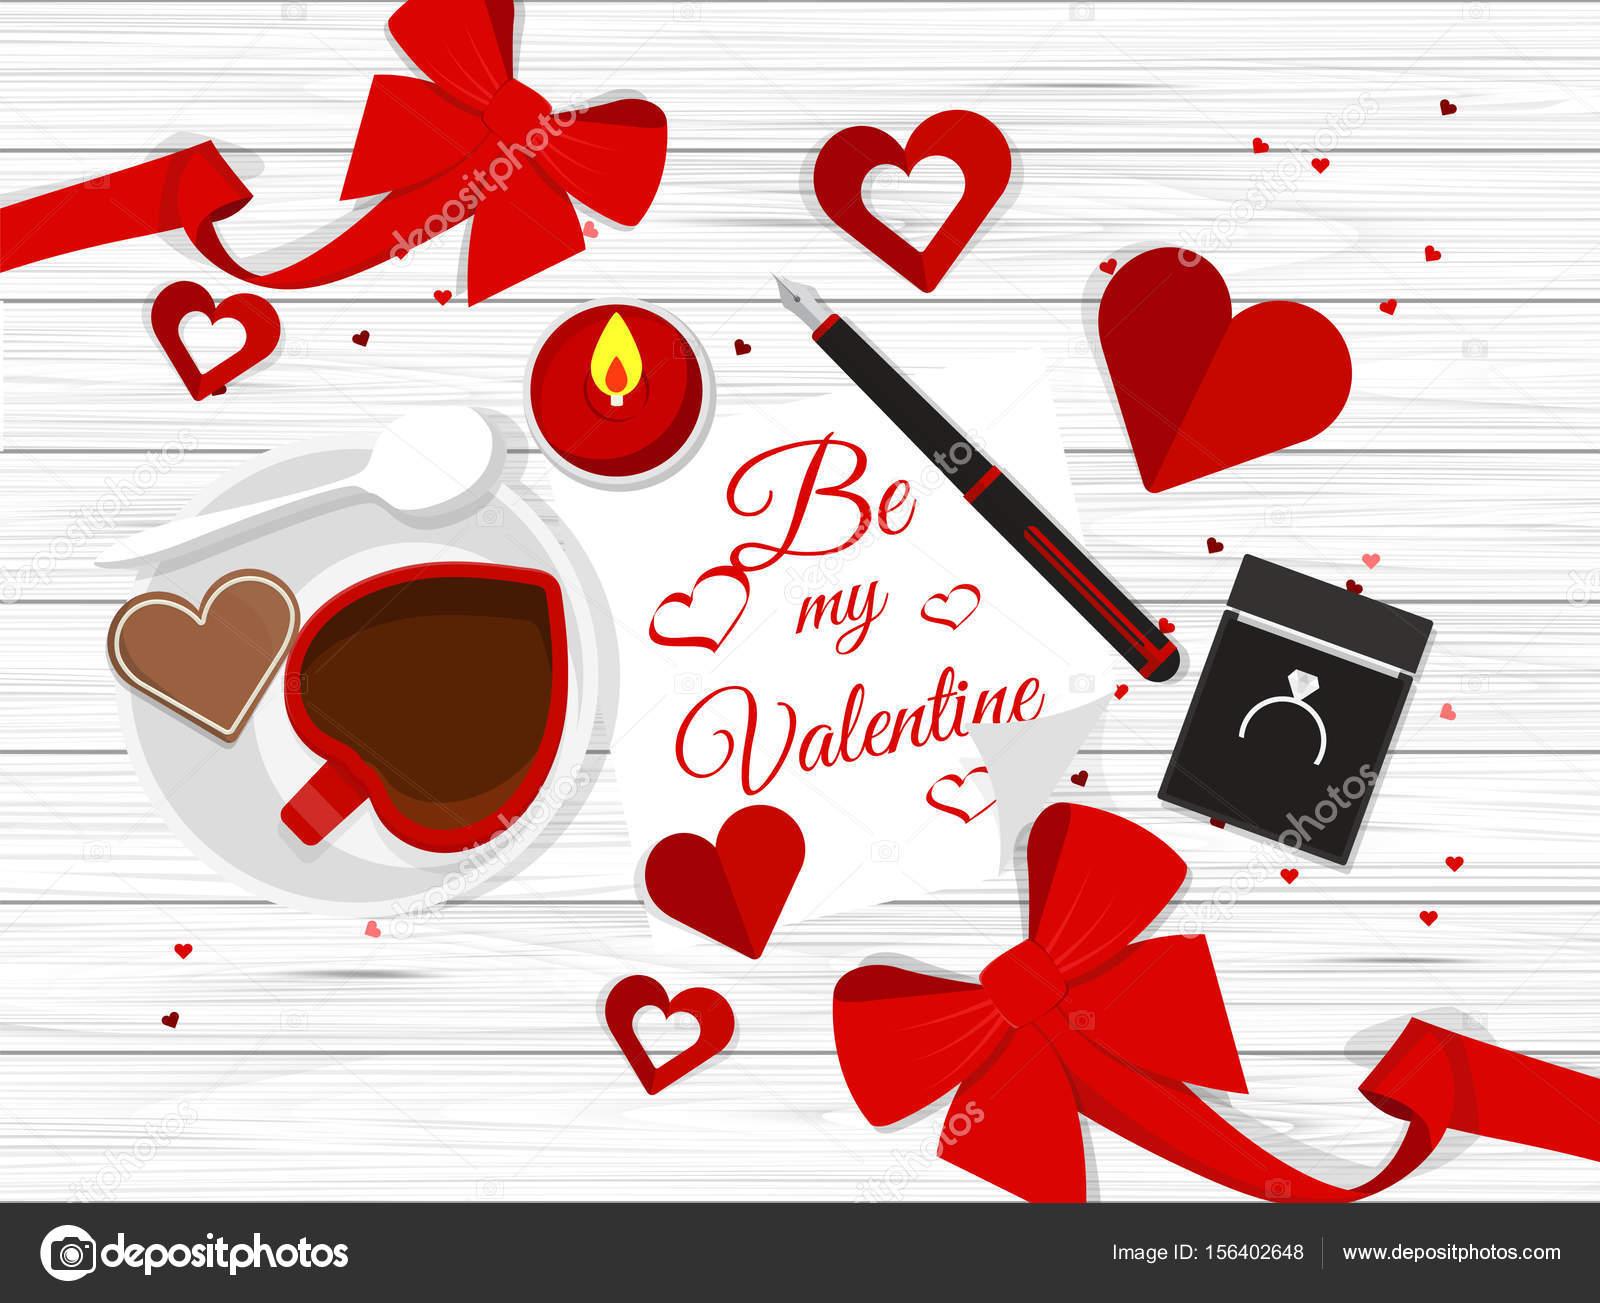 Composition romantique saint valentin image vectorielle droidworker 156402648 - Image saint valentin romantique ...